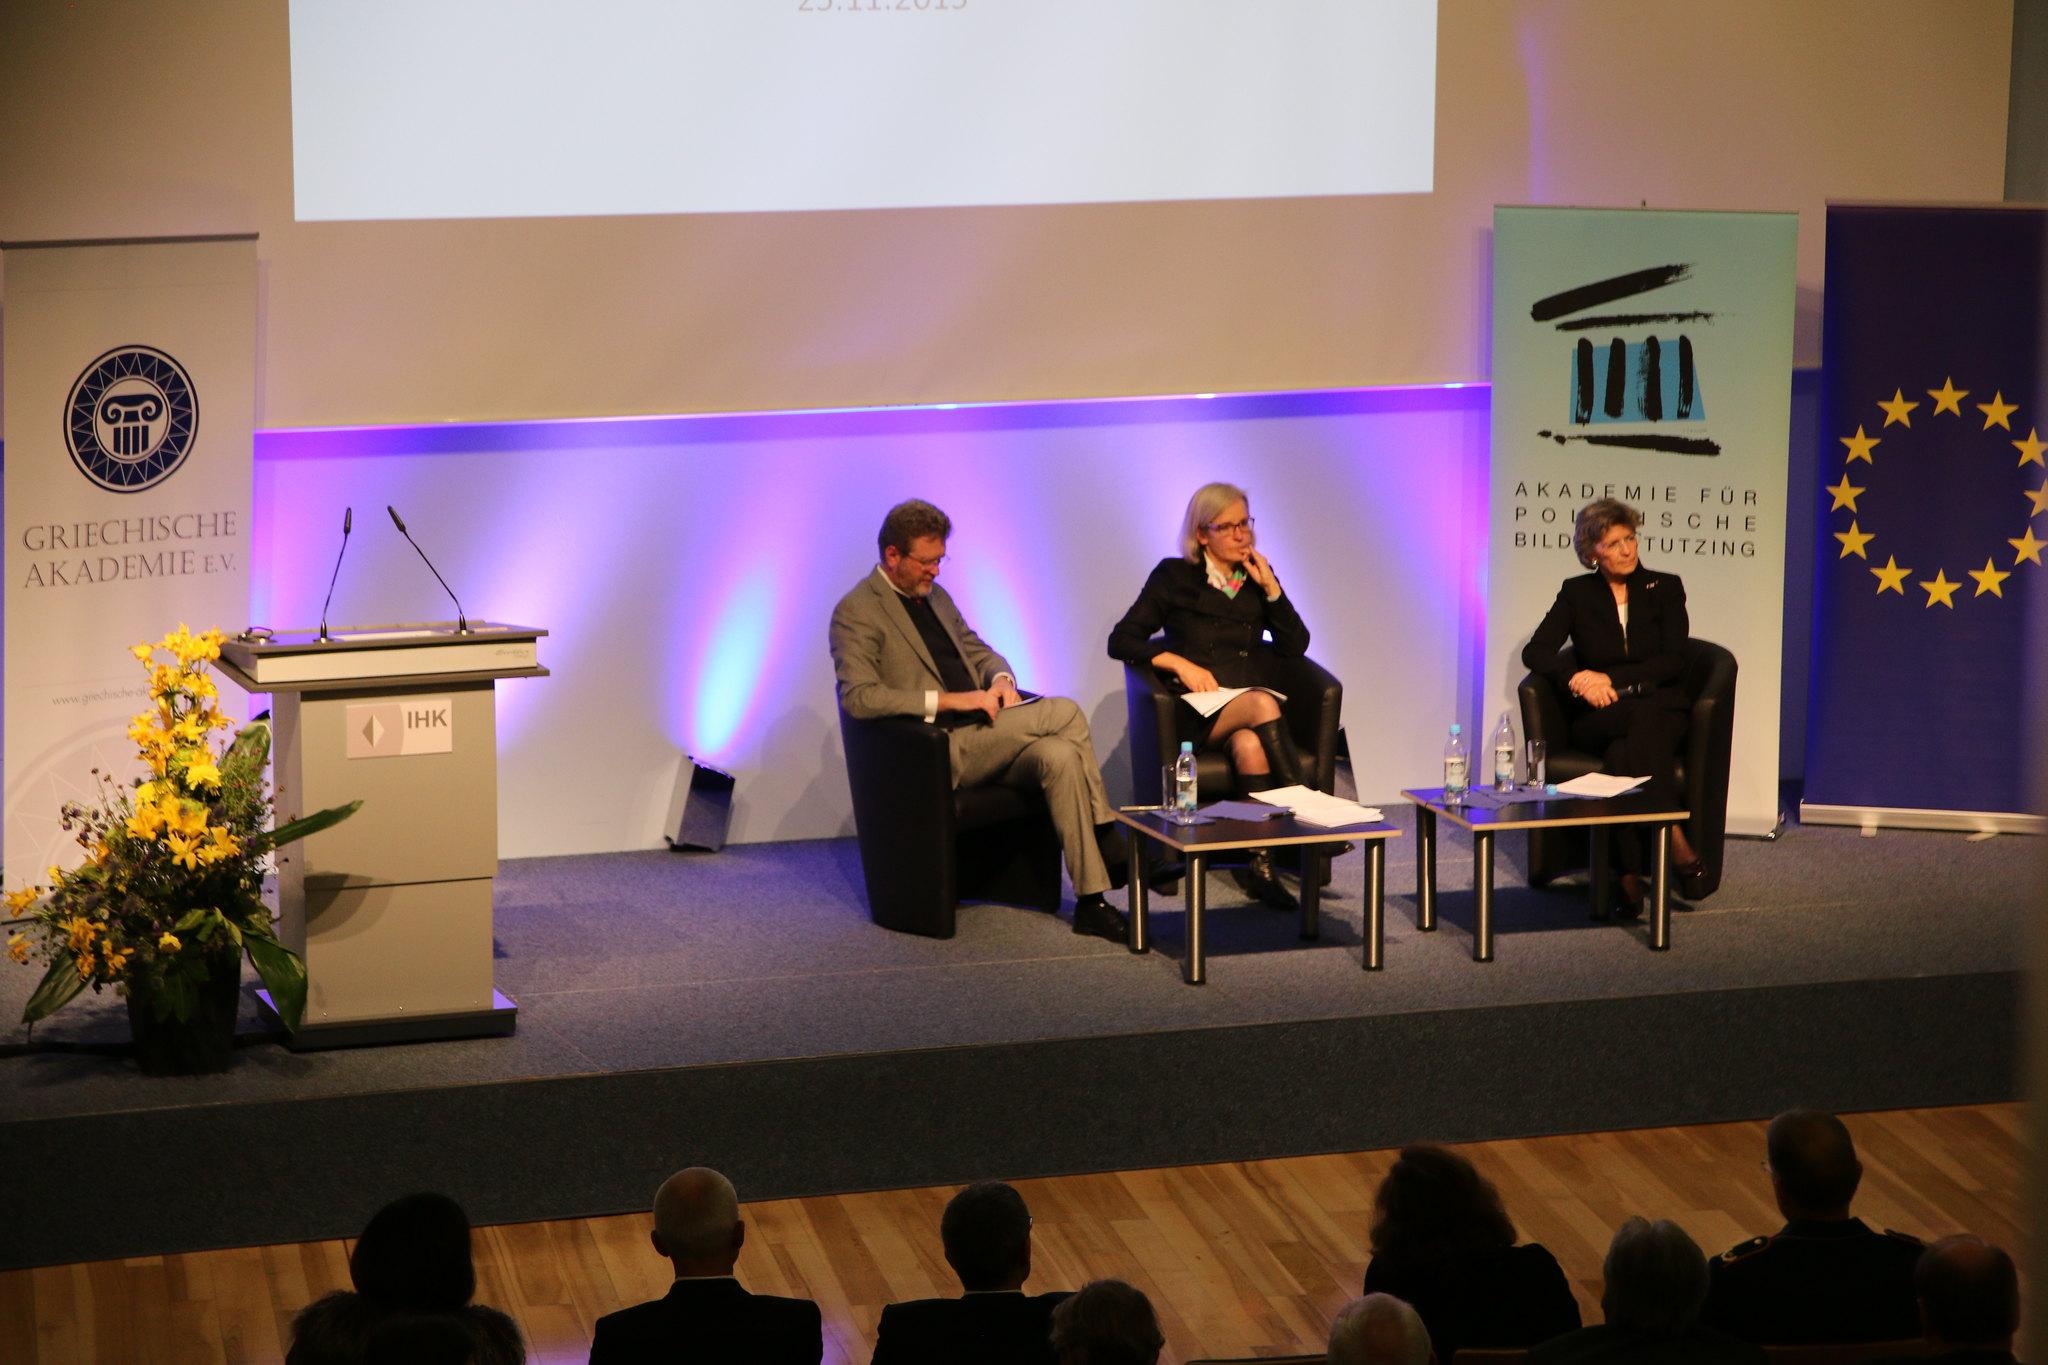 Der Blick von oben: Marcel Huber, Ursula Münch und Susanne Breit-Kessler auf dem Podium.